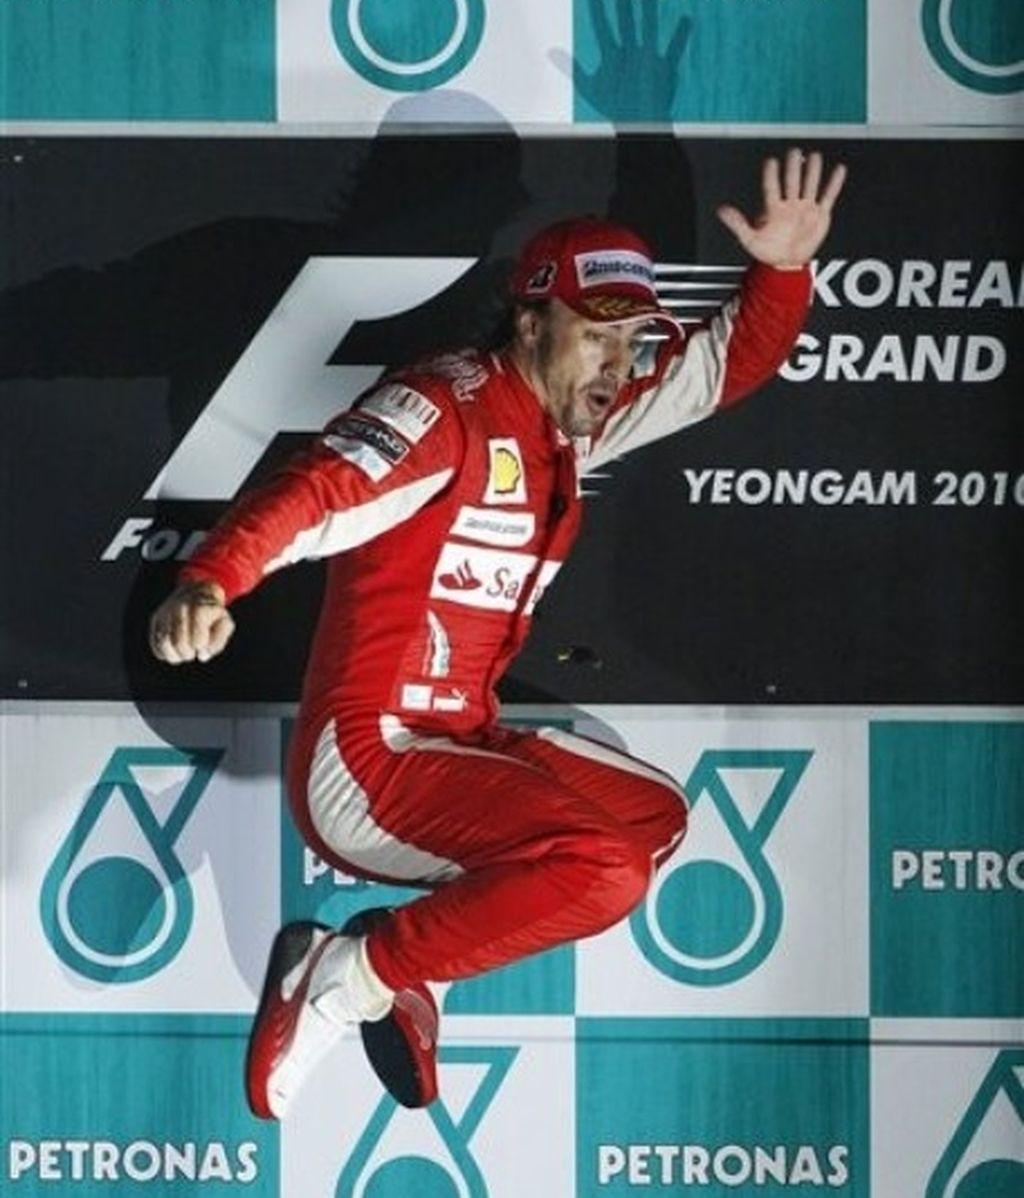 GP COREA: Alonso, más cerca de su tercer Mundial